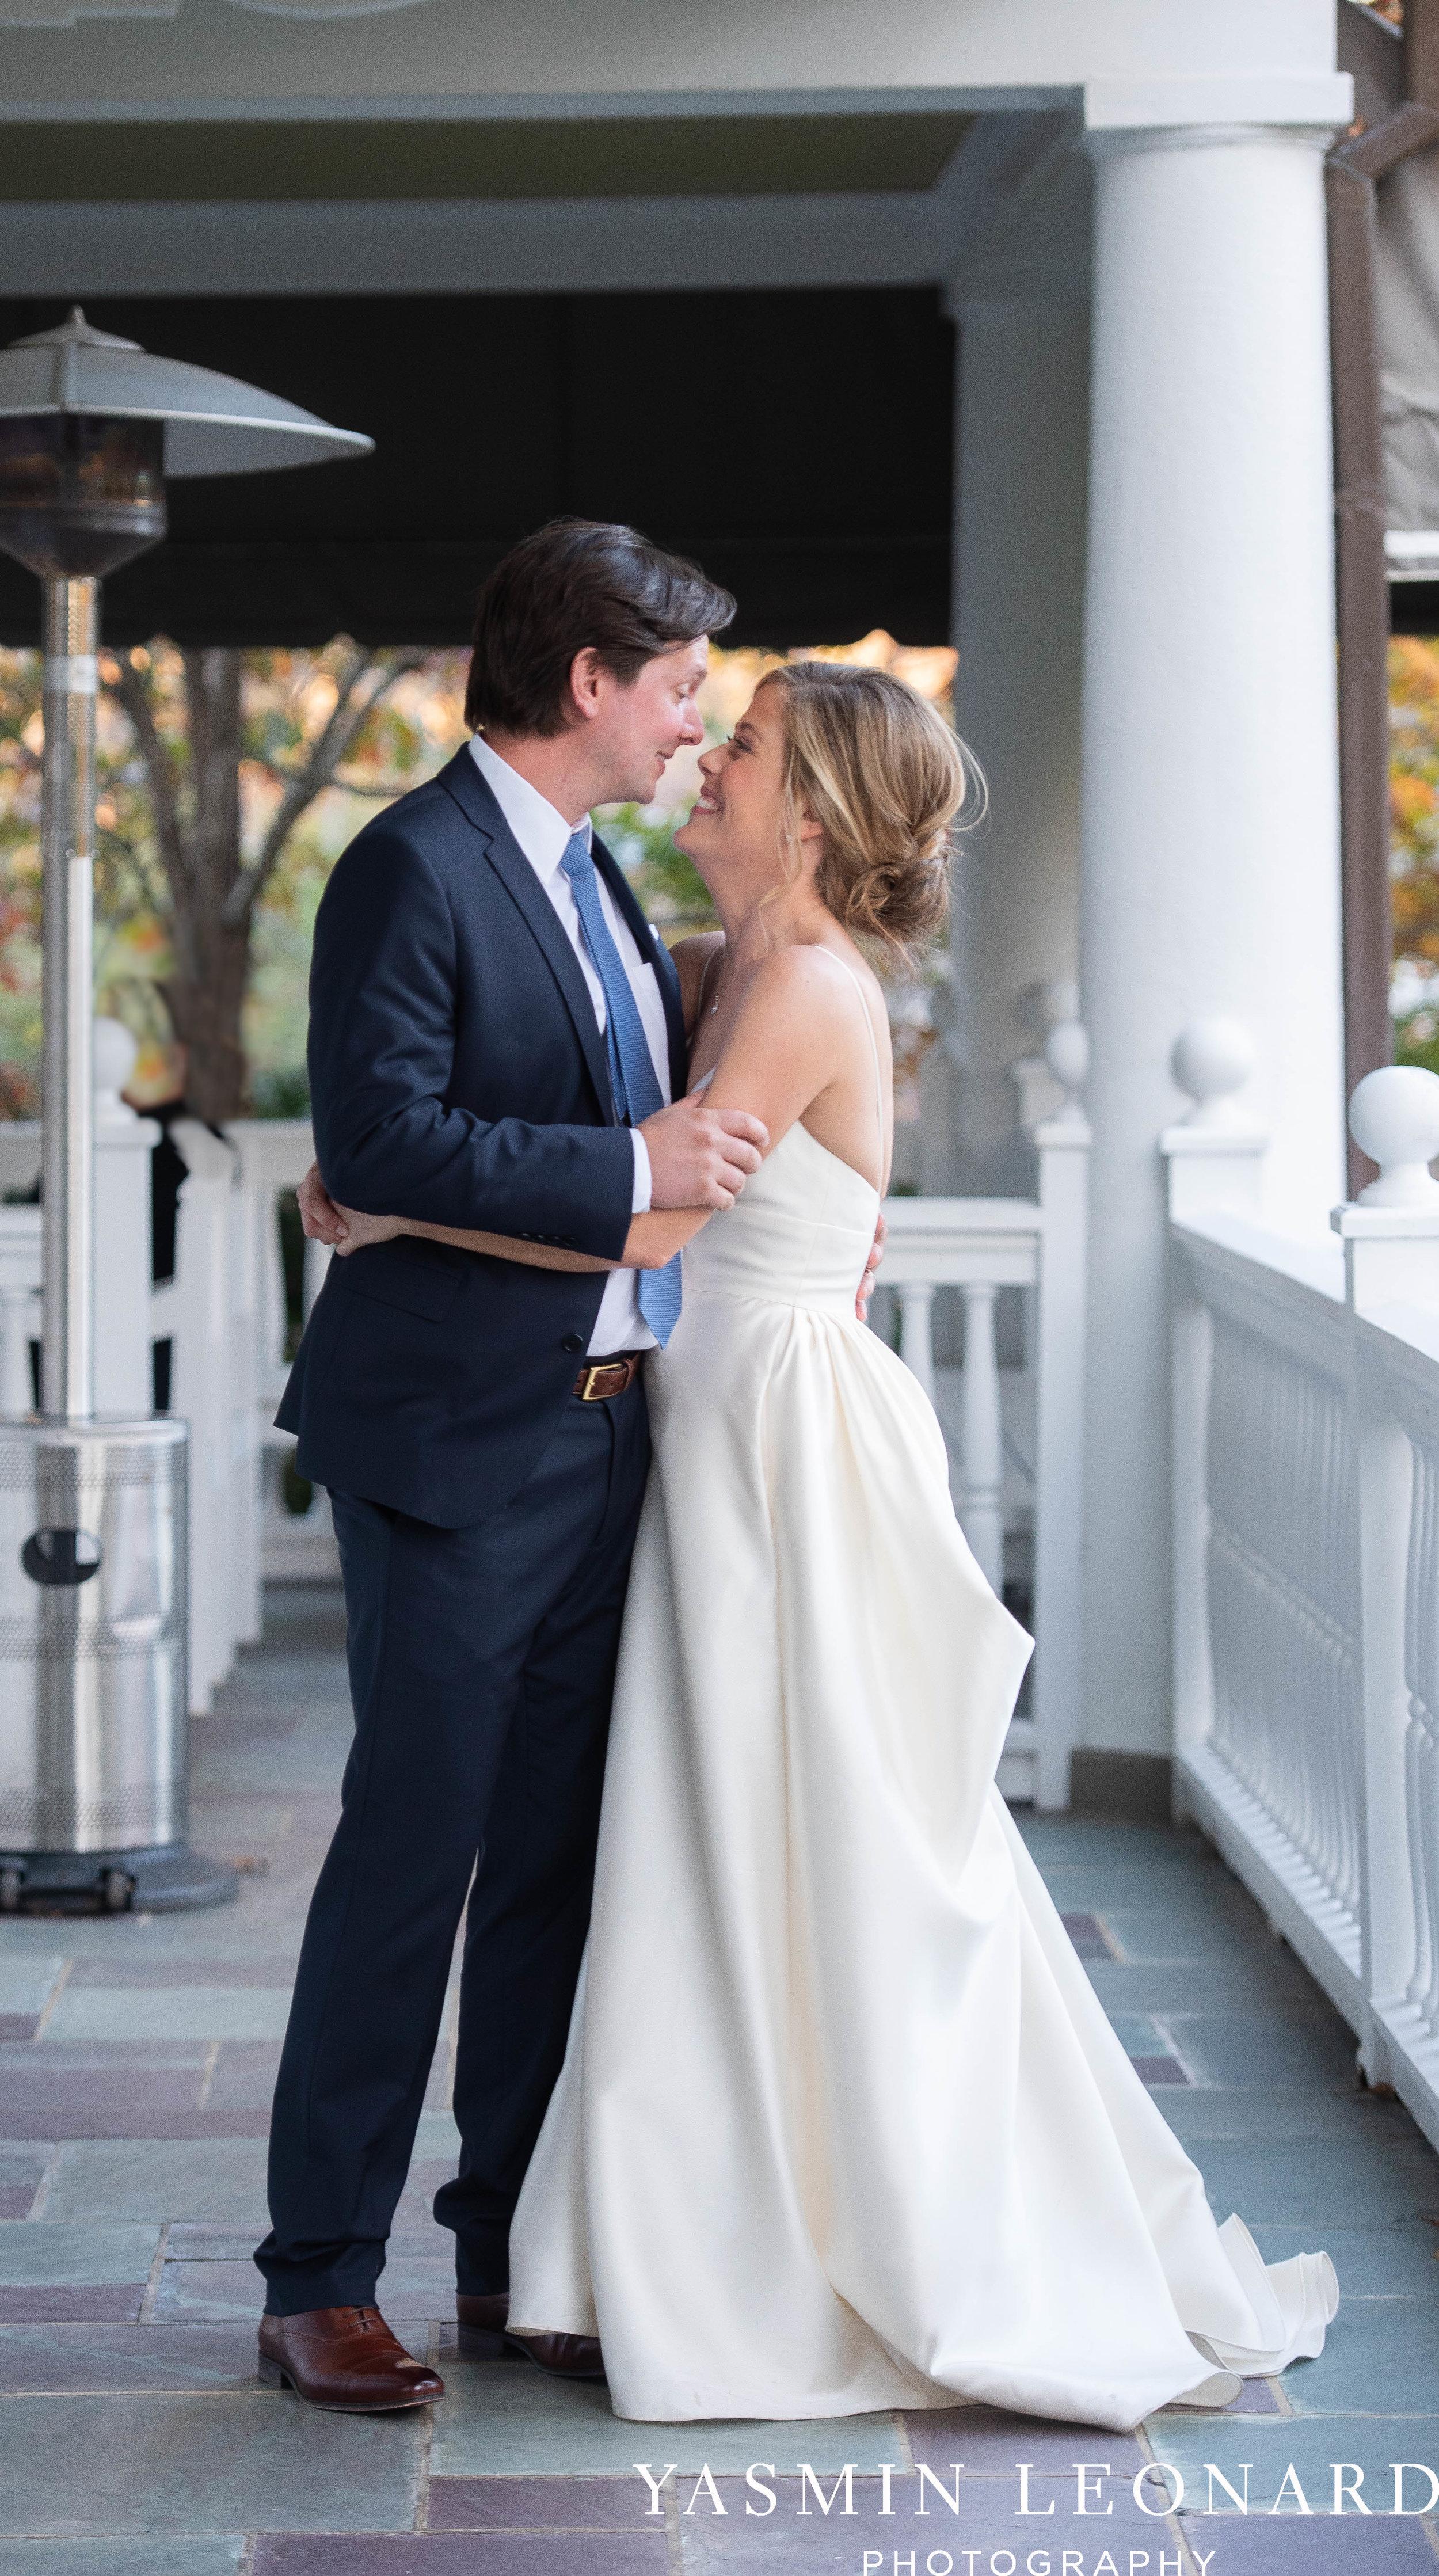 Wesley Memorial United Methodist Church - EmeryWood - High Point Weddings - High Point Wedding Photographer - NC Wedding Photographer - Yasmin Leonard Photography-73.jpg